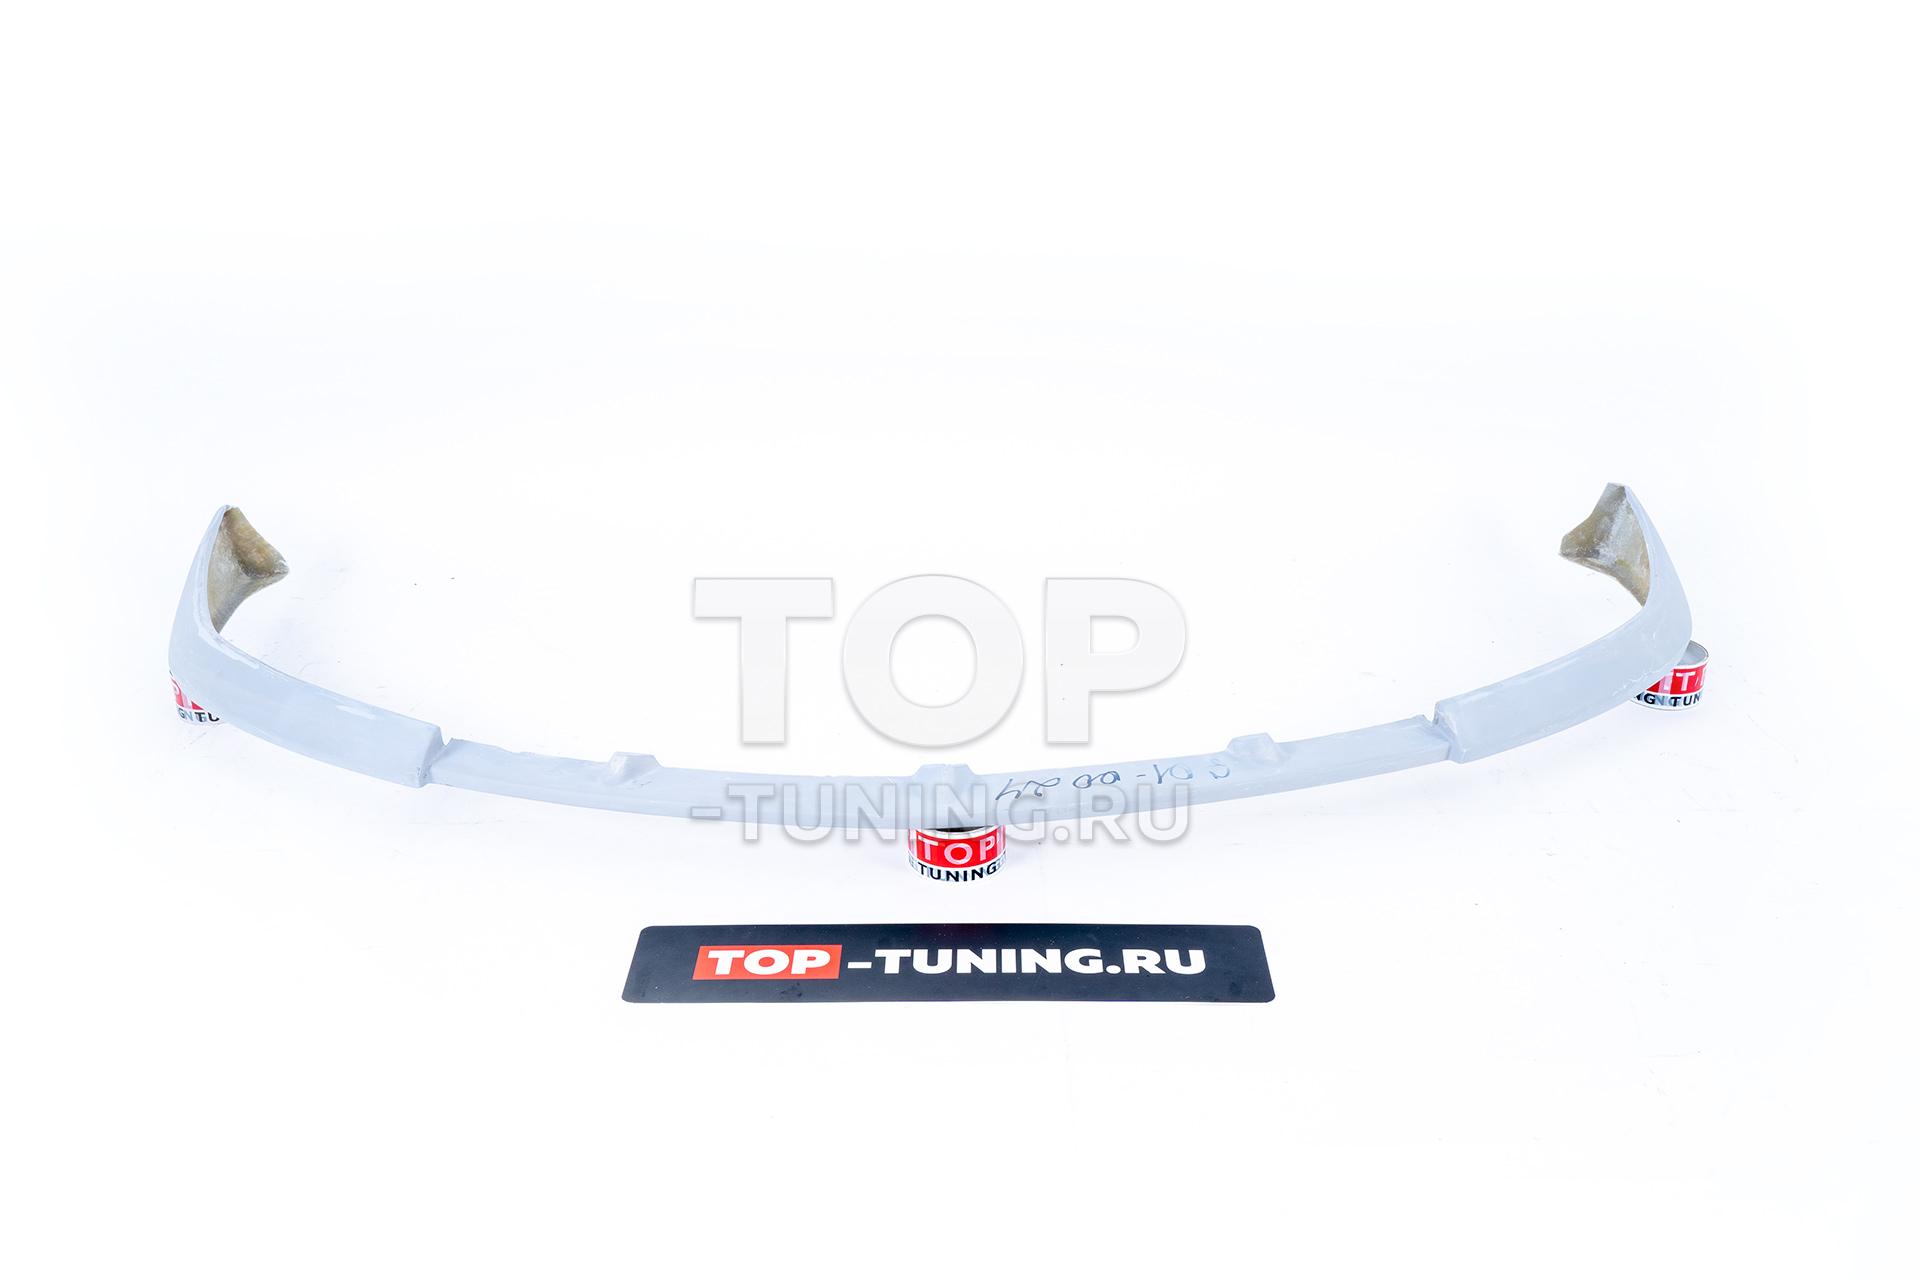 Тюнинг Киа Церато 2 - юбка переднего бампера, обвес NEF Design